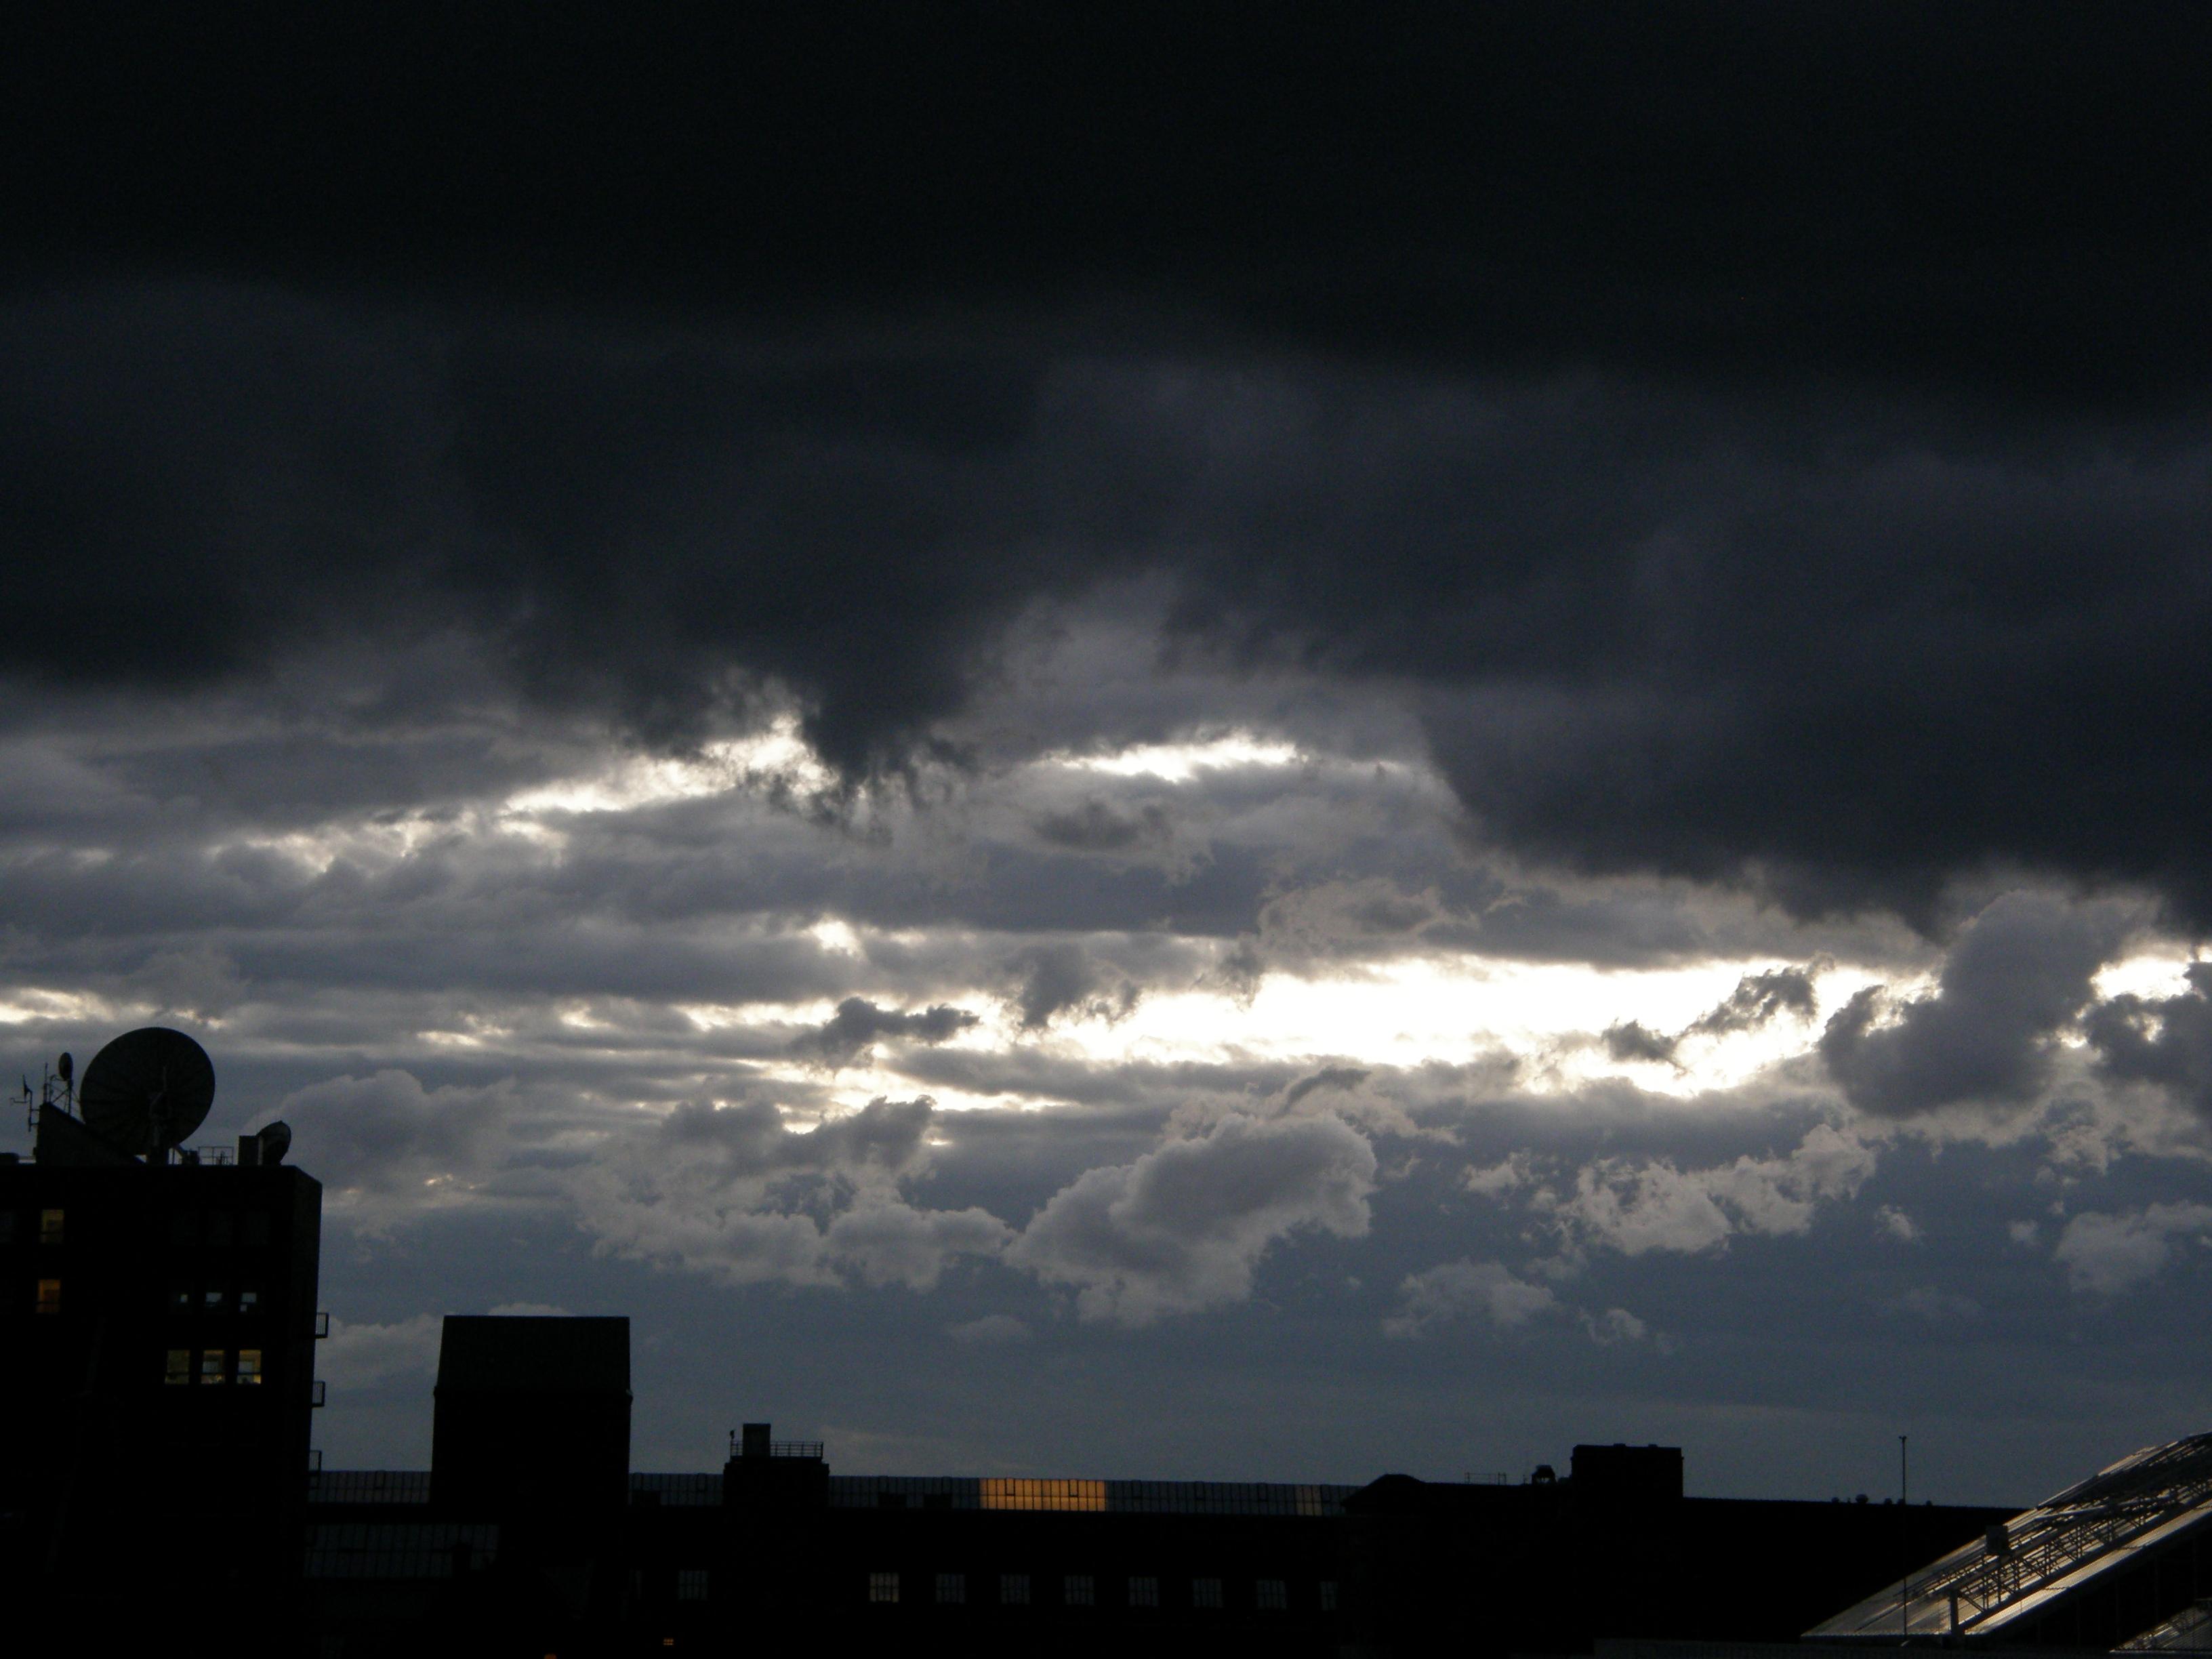 stormy weather Stormy weather y otras muchas canciones de frank sinatra traducidas al español las podrás encontrar en traduce letras además de la letra de la canción stormy.